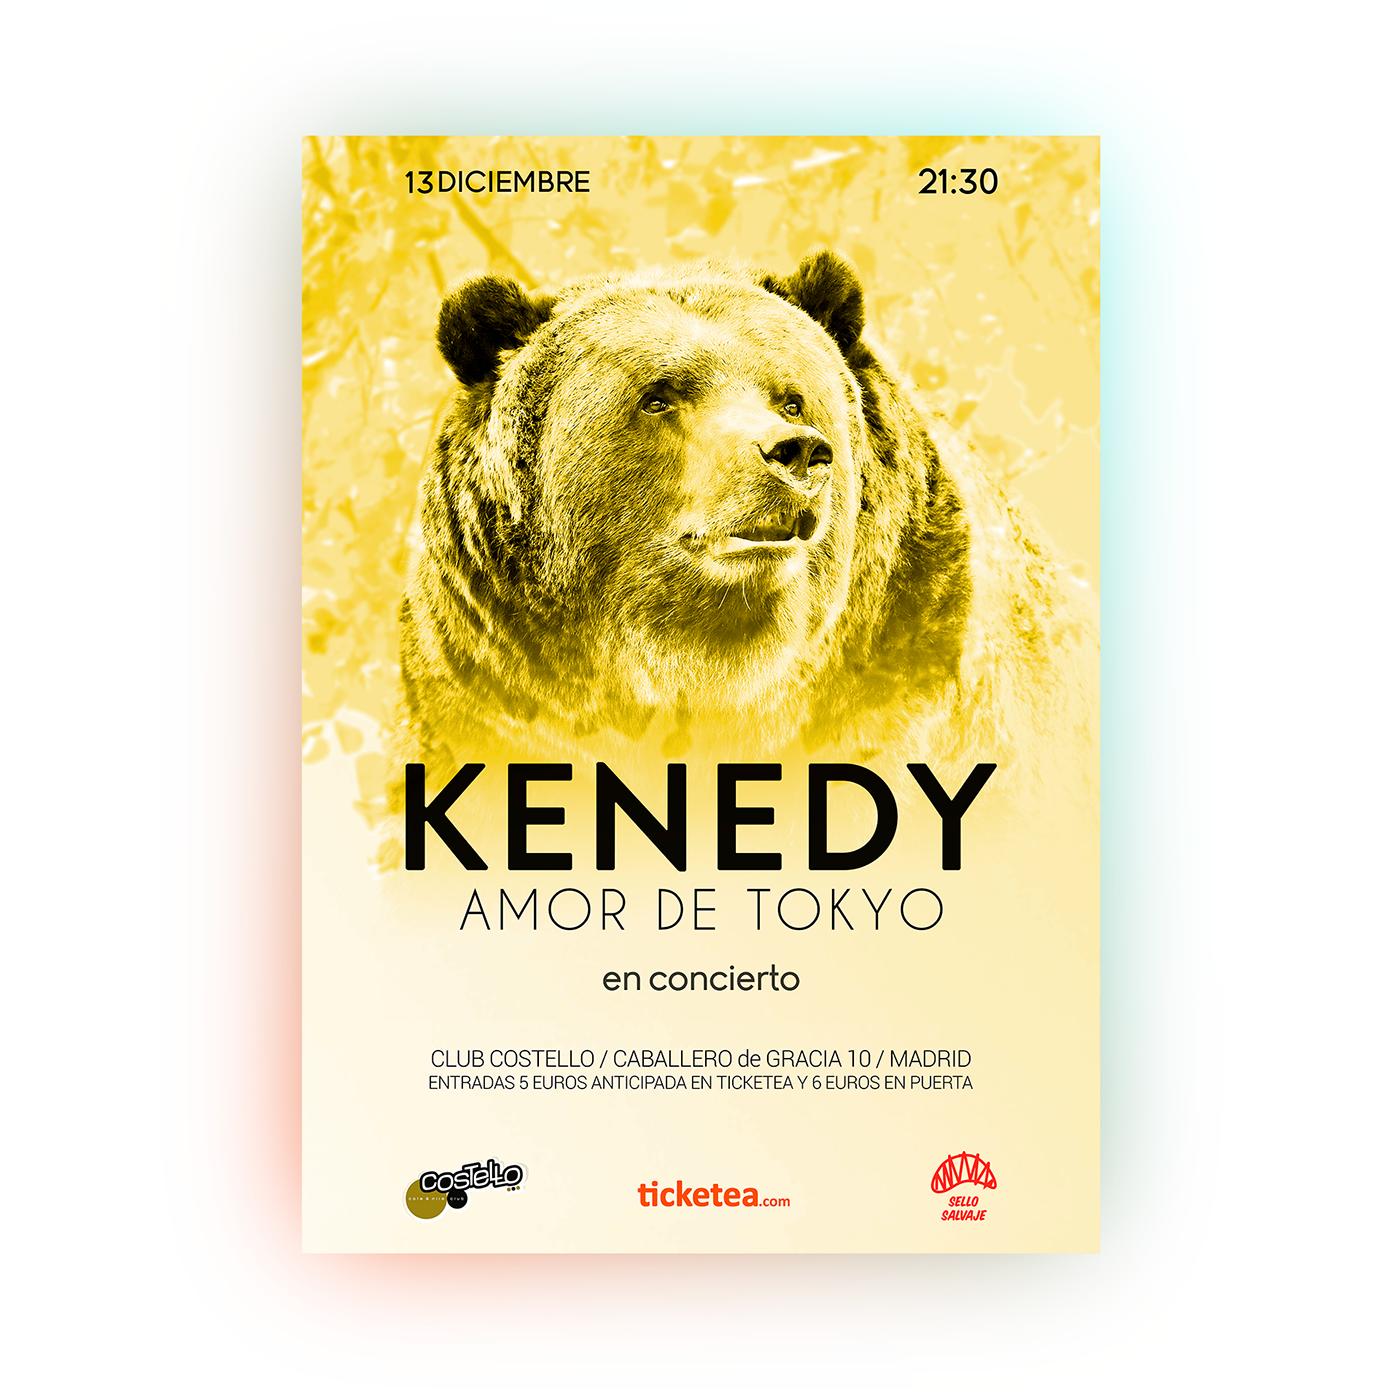 Art Director,graphic design ,poster,cartel,kenedy,music,guts,bear,tiger